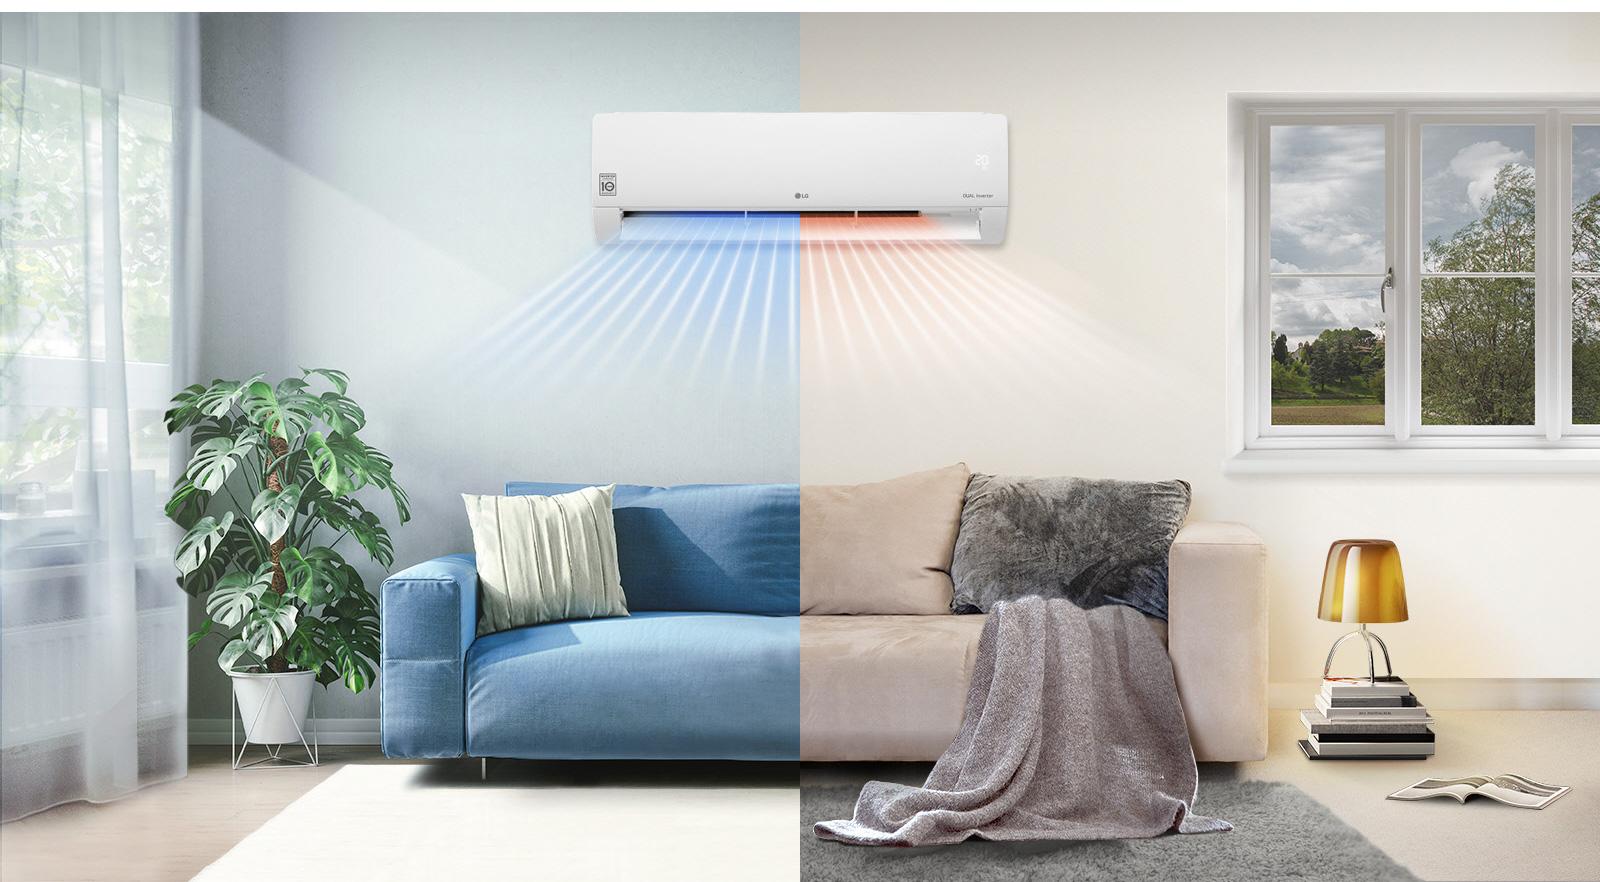 Τέσσερις λόγοι για να επιλέξετε κλιματιστικά LG Dual Cool φέτος τον χειμώνα